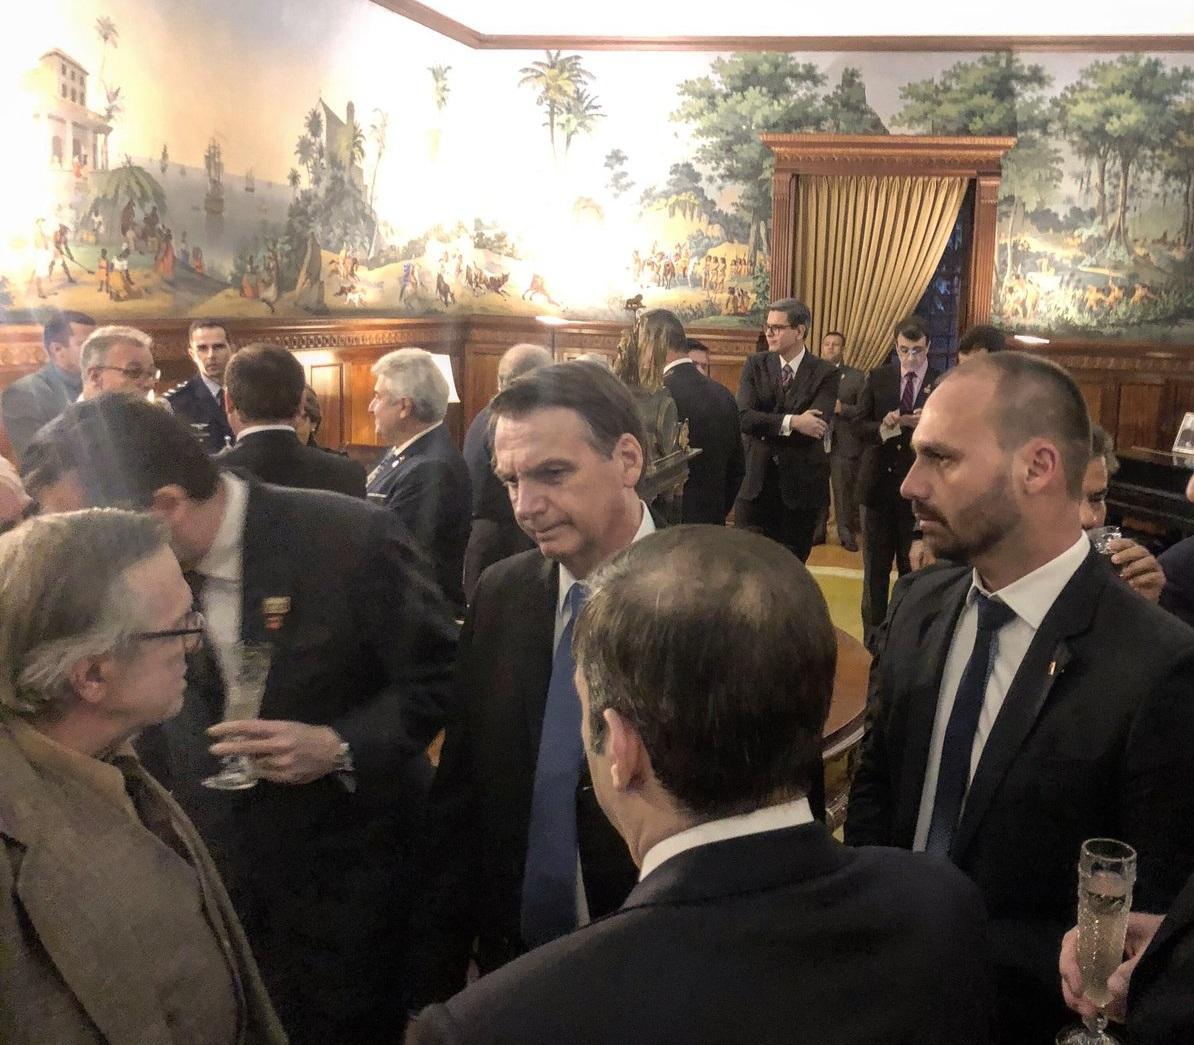 Bolsonaro y De Carvalho reunidos en la embajada de Brasil en Washington / TWITTER